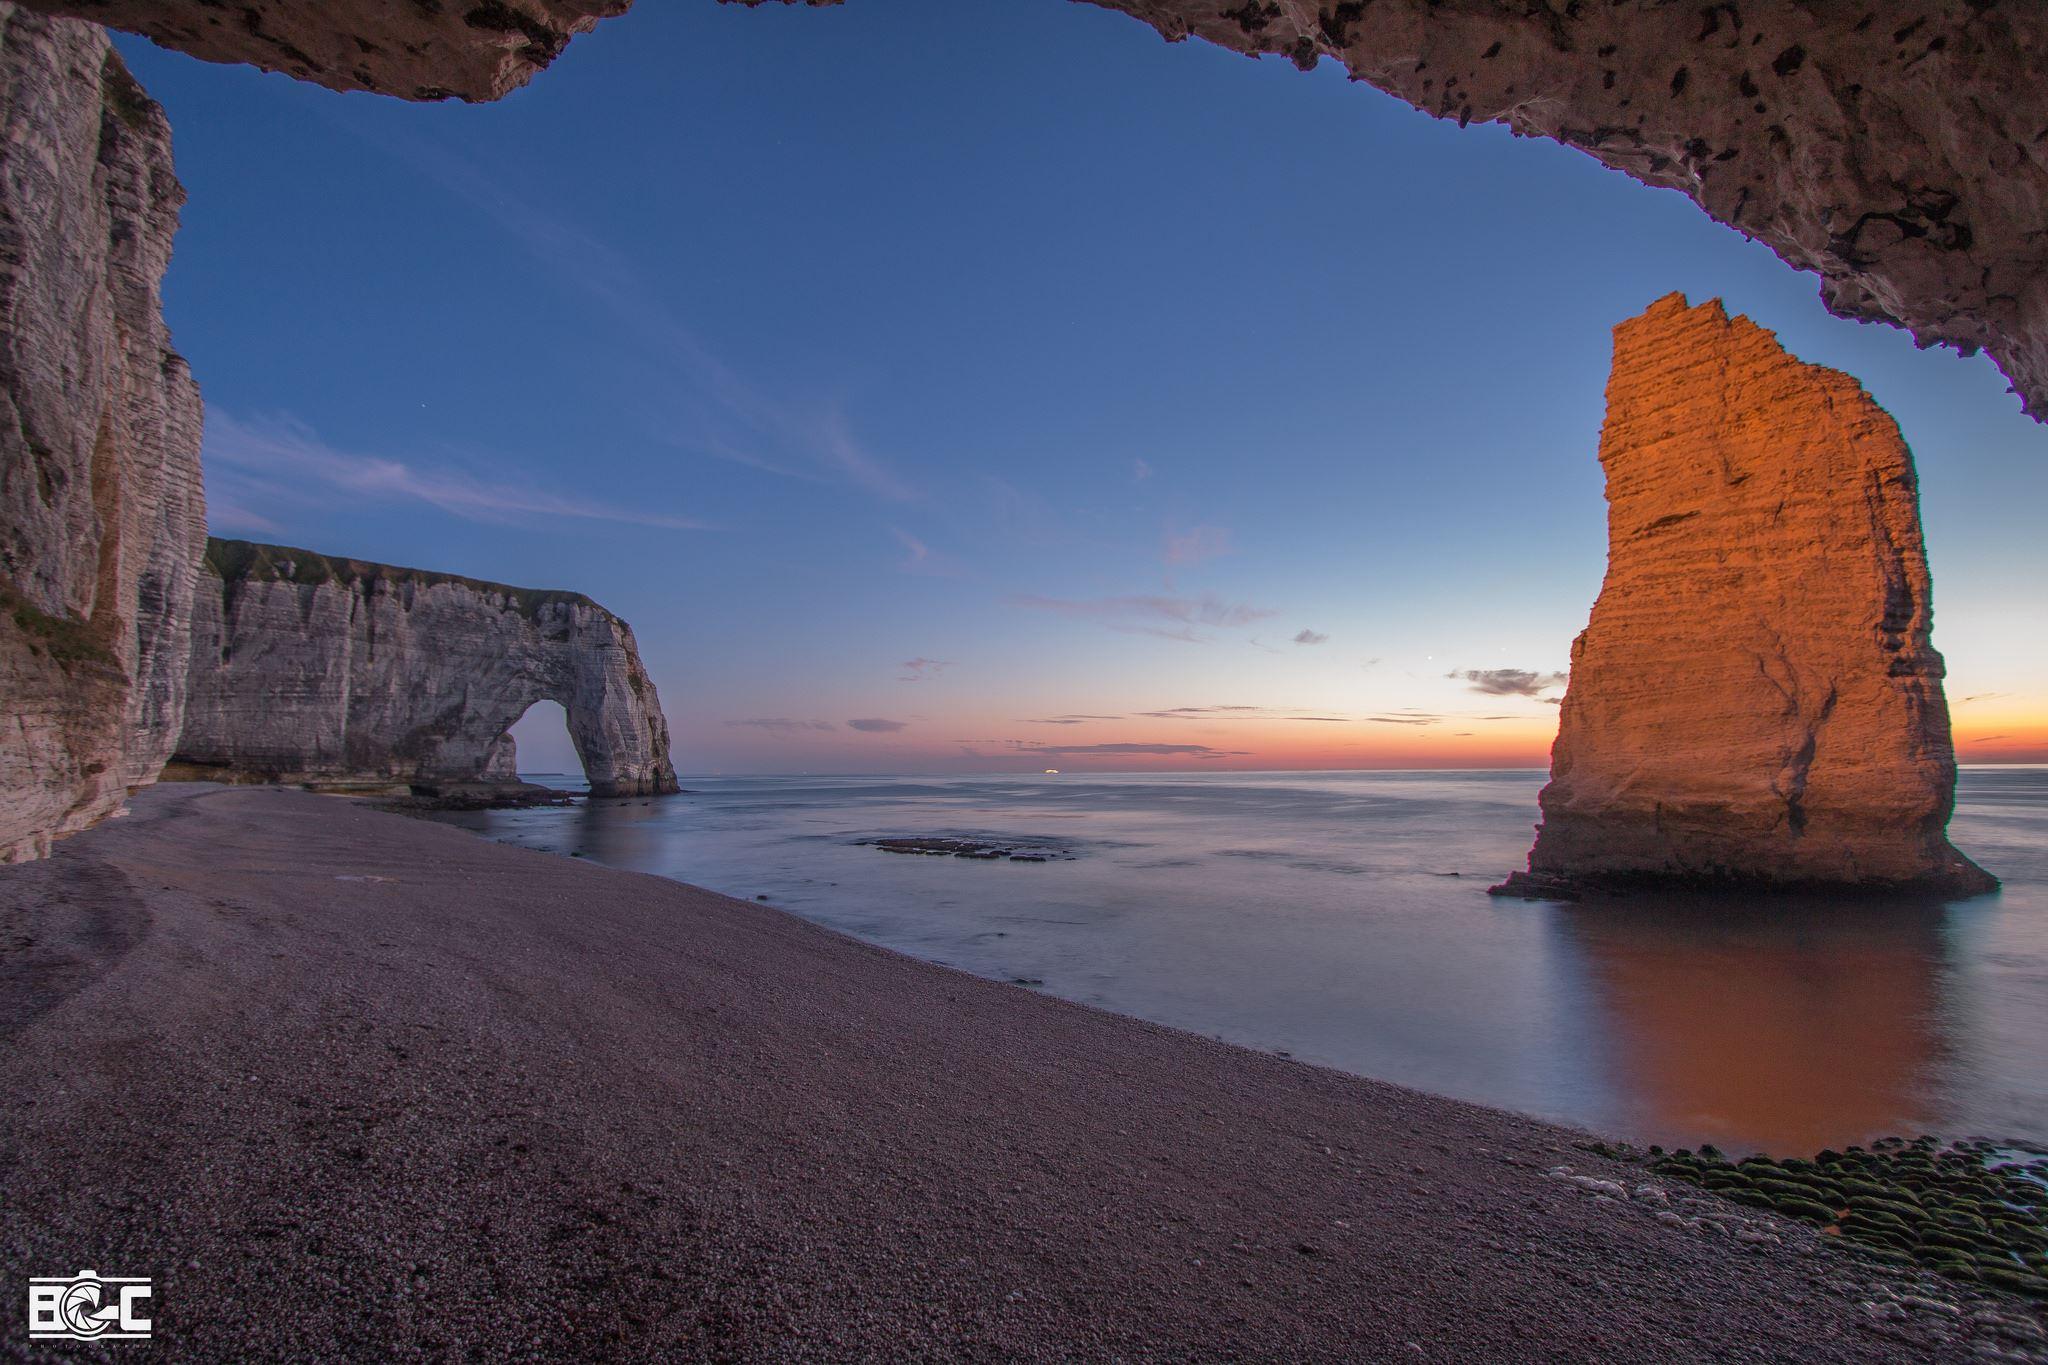 La plage Jambourg depuis la sortie du trou à l'homme. ©Blas Garcia Photography